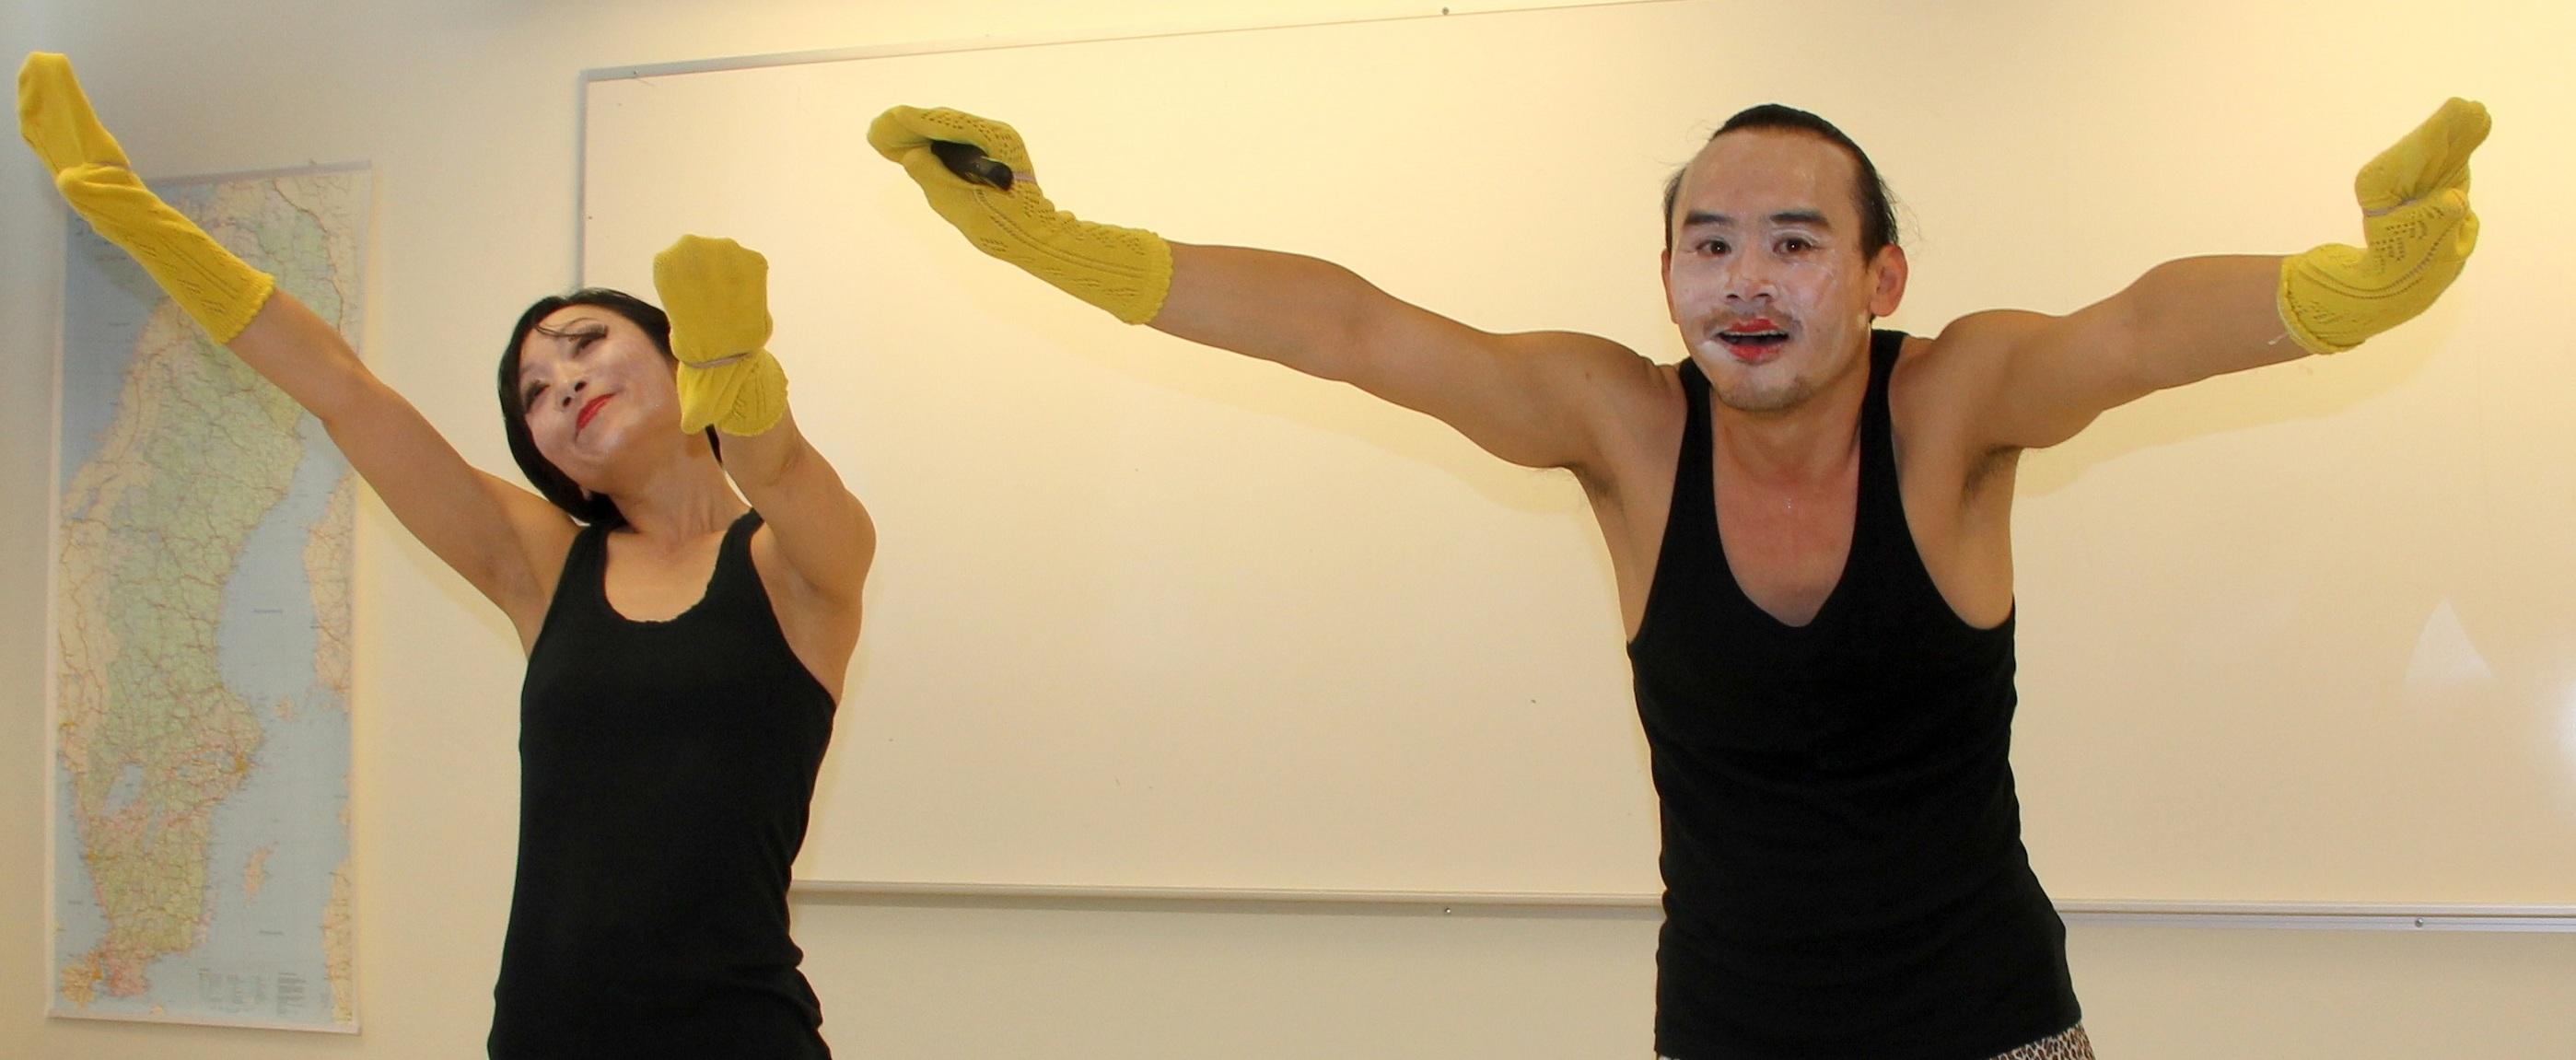 Kvinna och man håller ut händerna som har gula handskar.